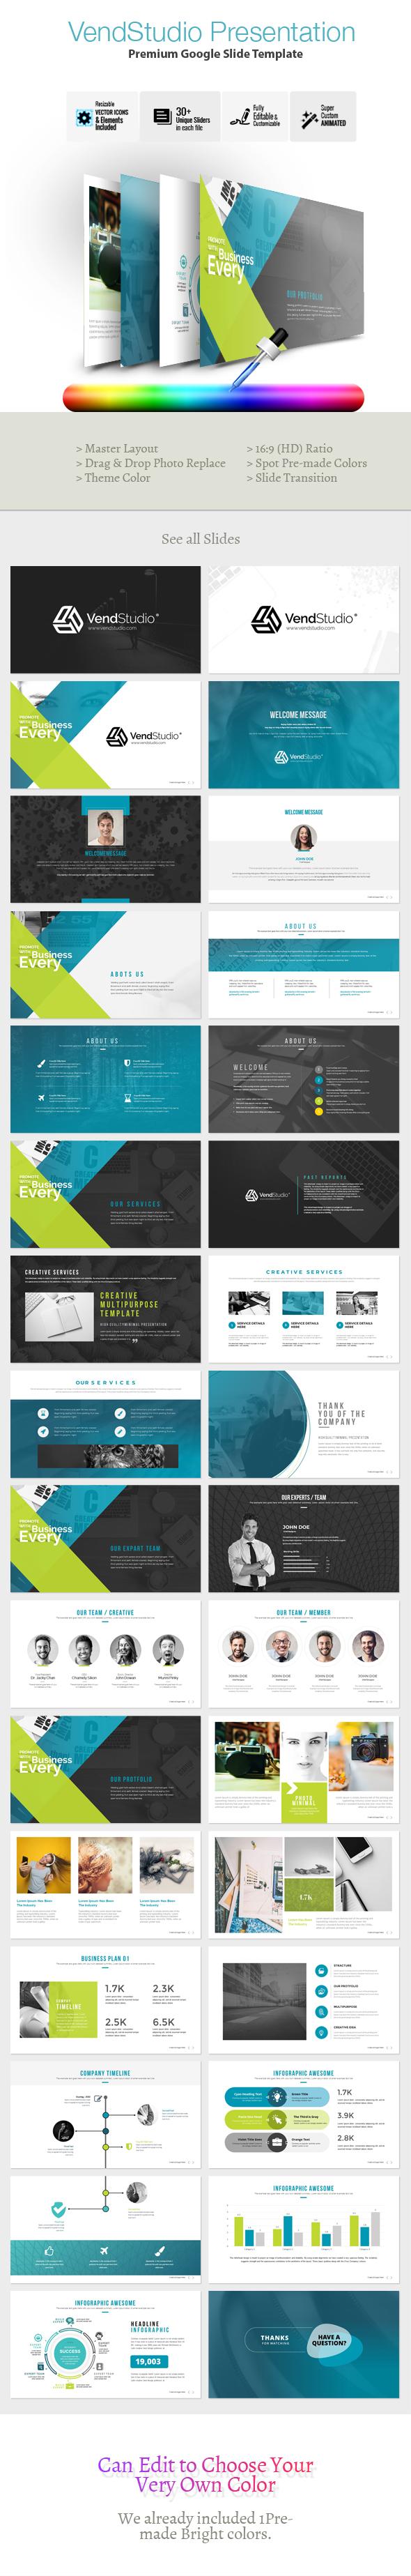 VendStudio Google Slide Template - Google Slides Presentation Templates